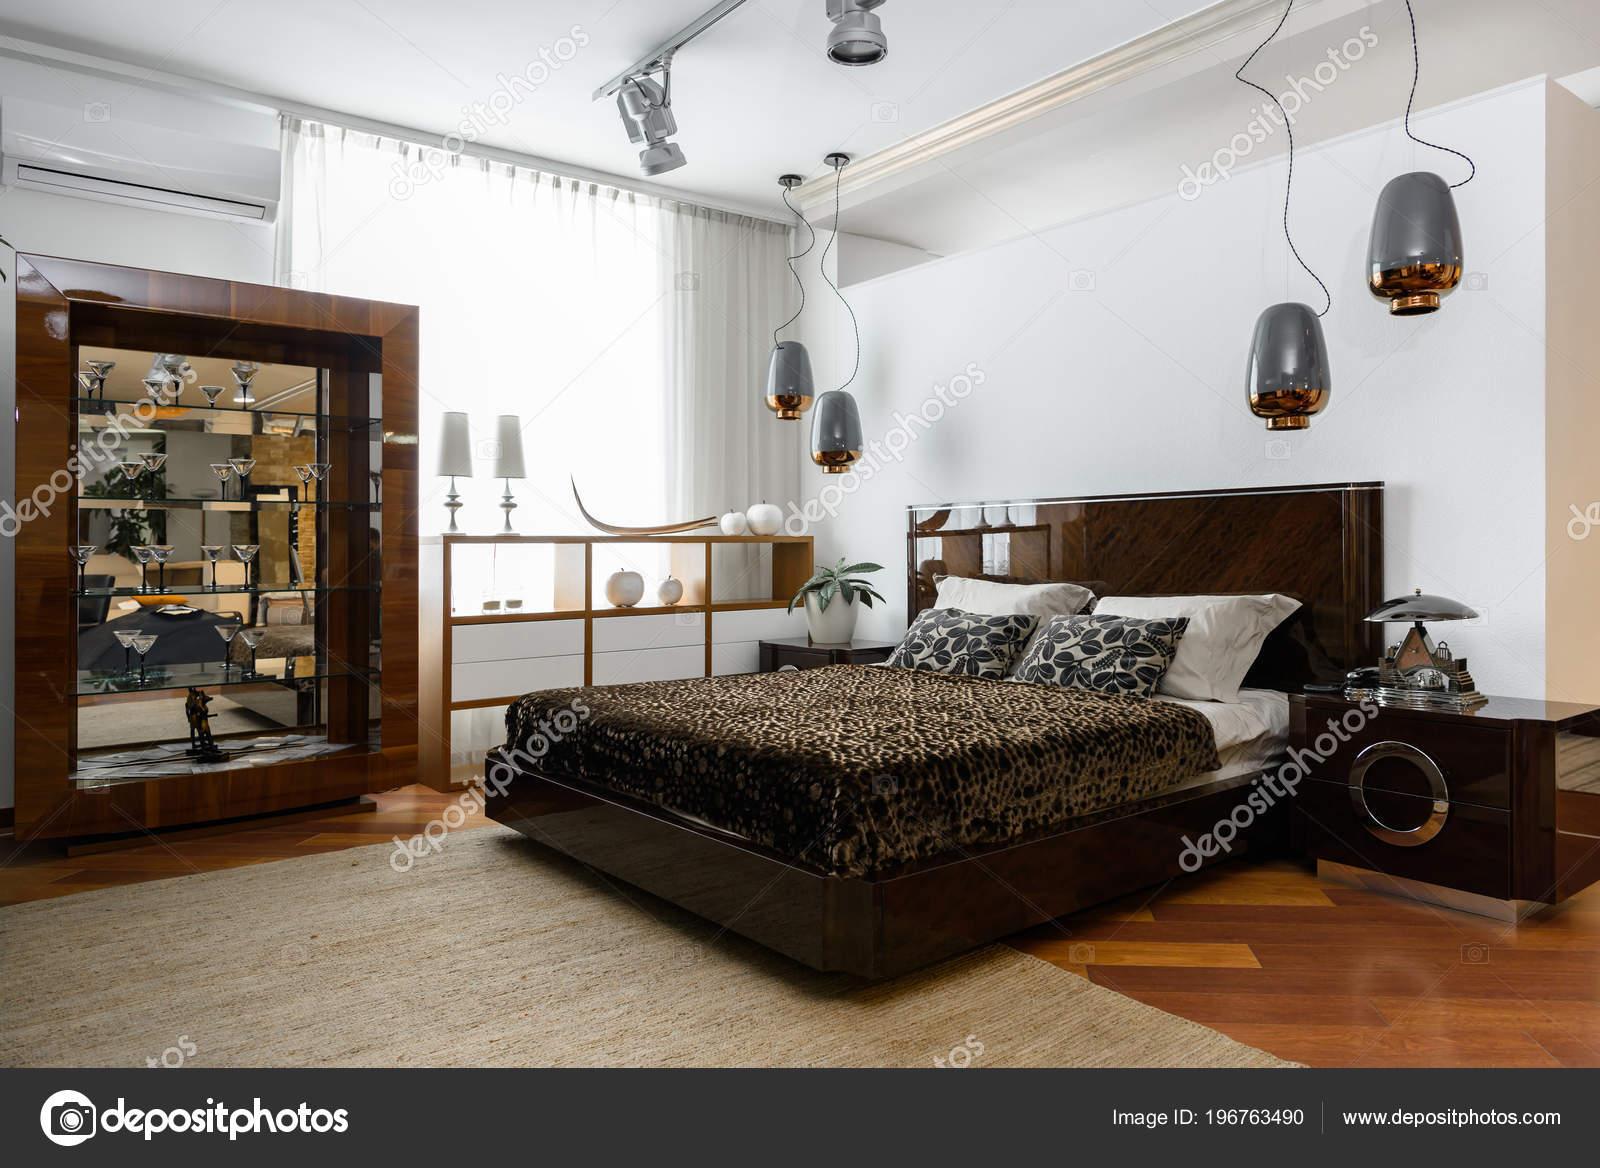 Camera Da Letto Moderna Marrone : Interno della camera letto moderna luce con lampade mensole lenzuola